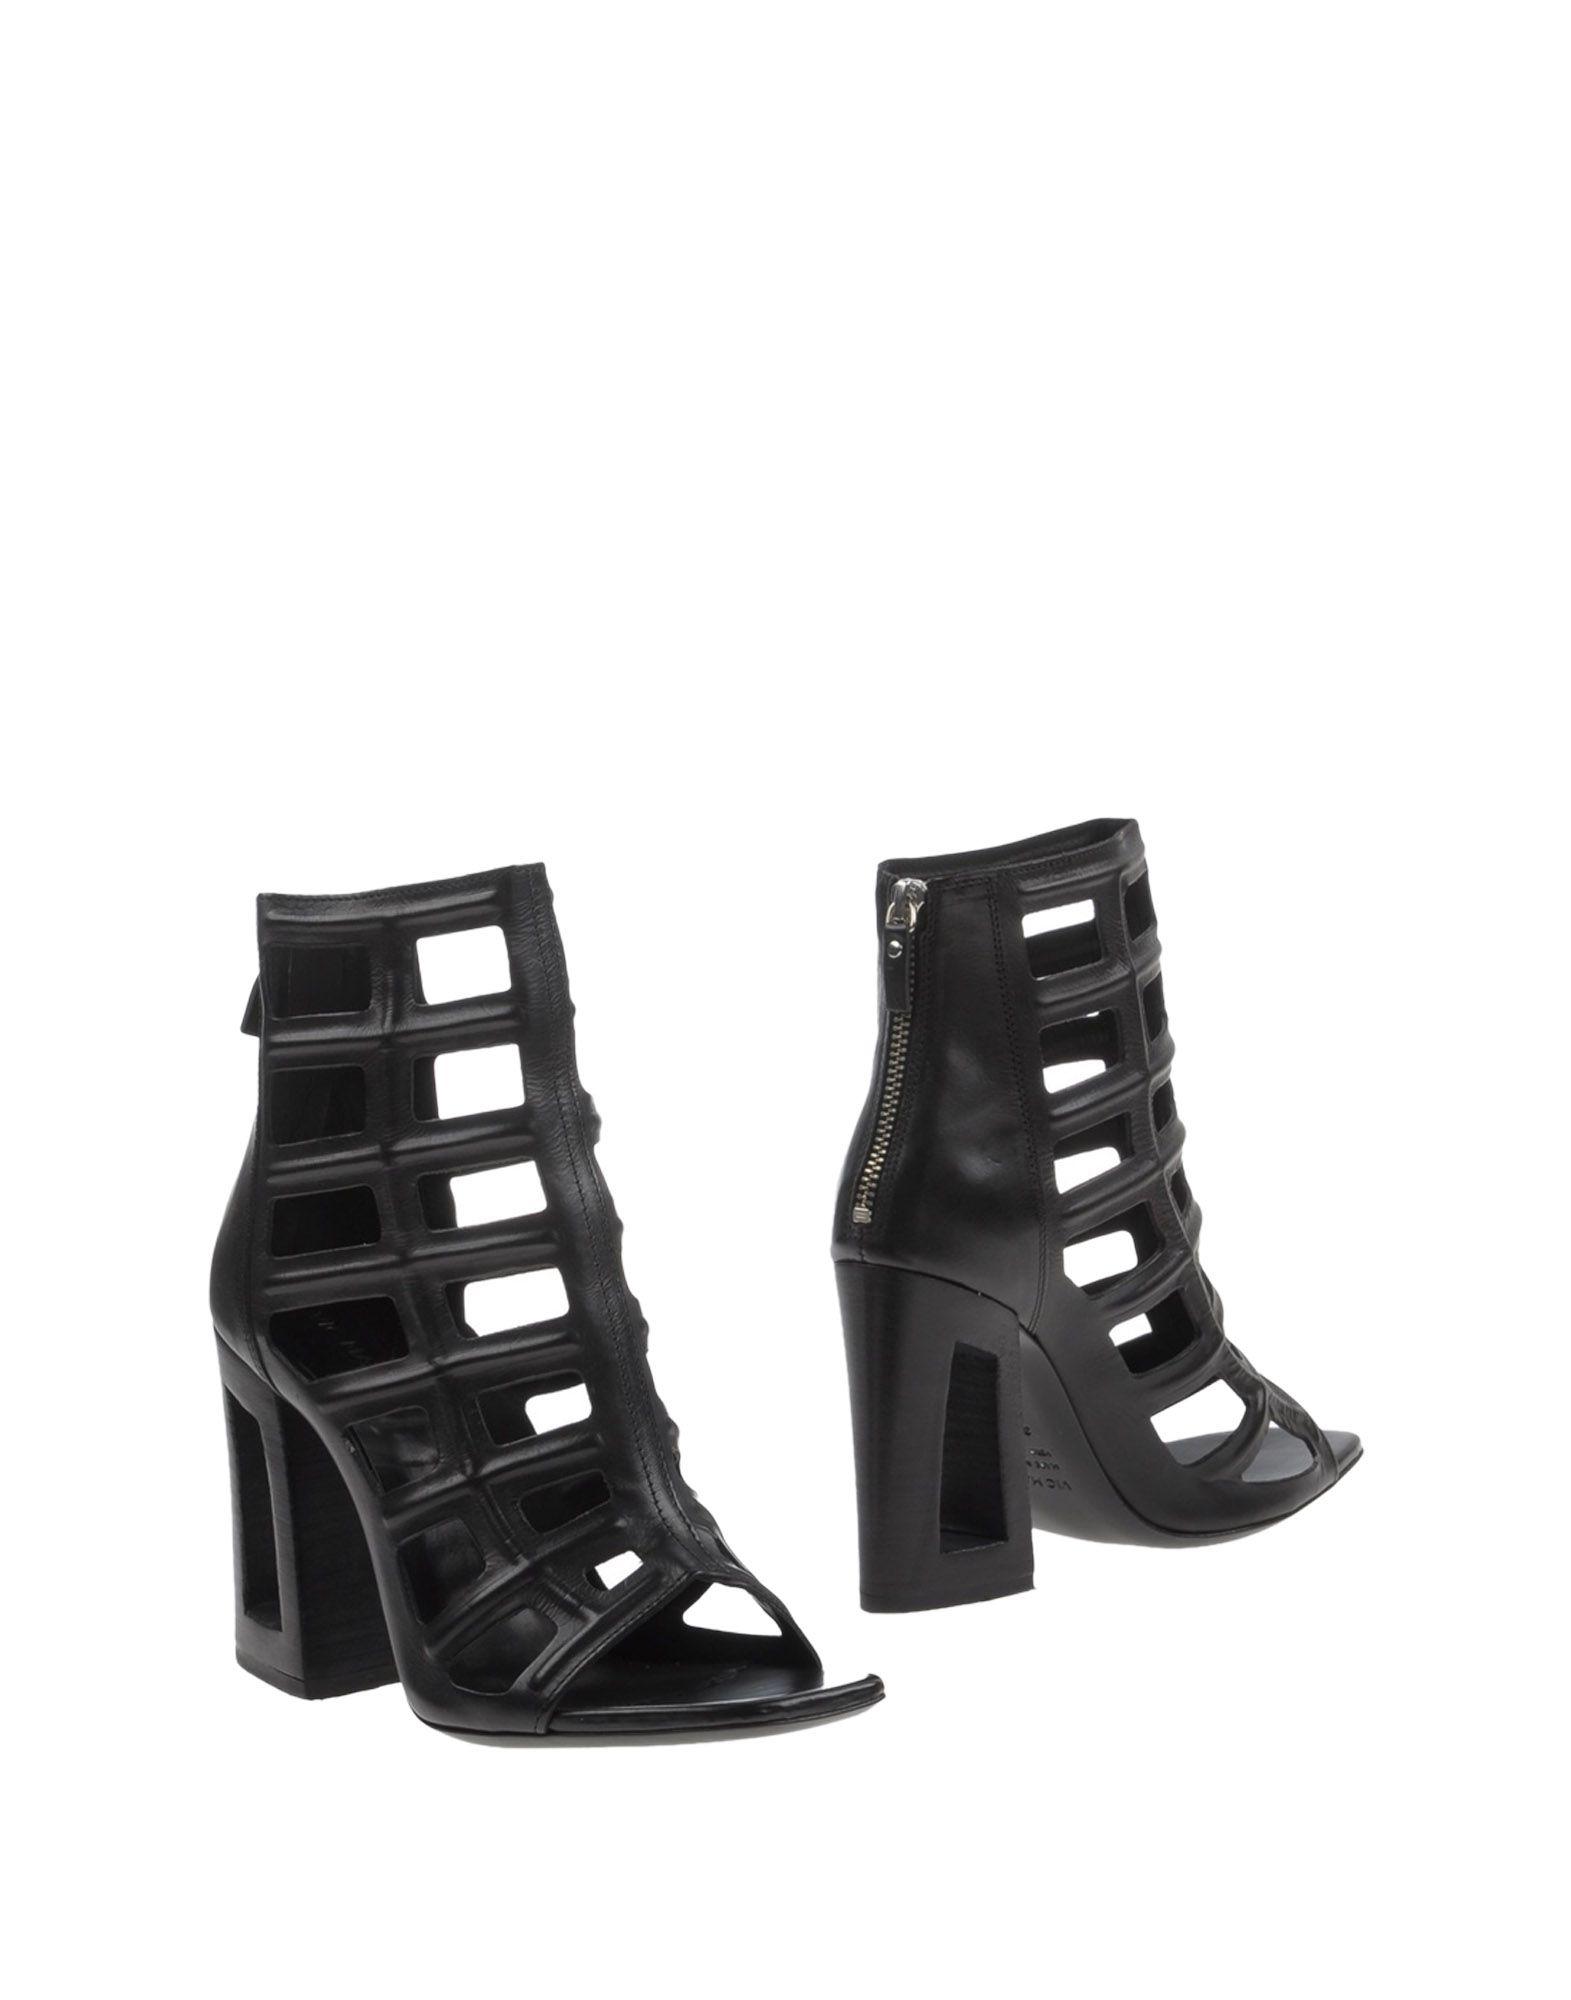 Vic Matiē Stiefelette Damen  11354956TX Neue Schuhe